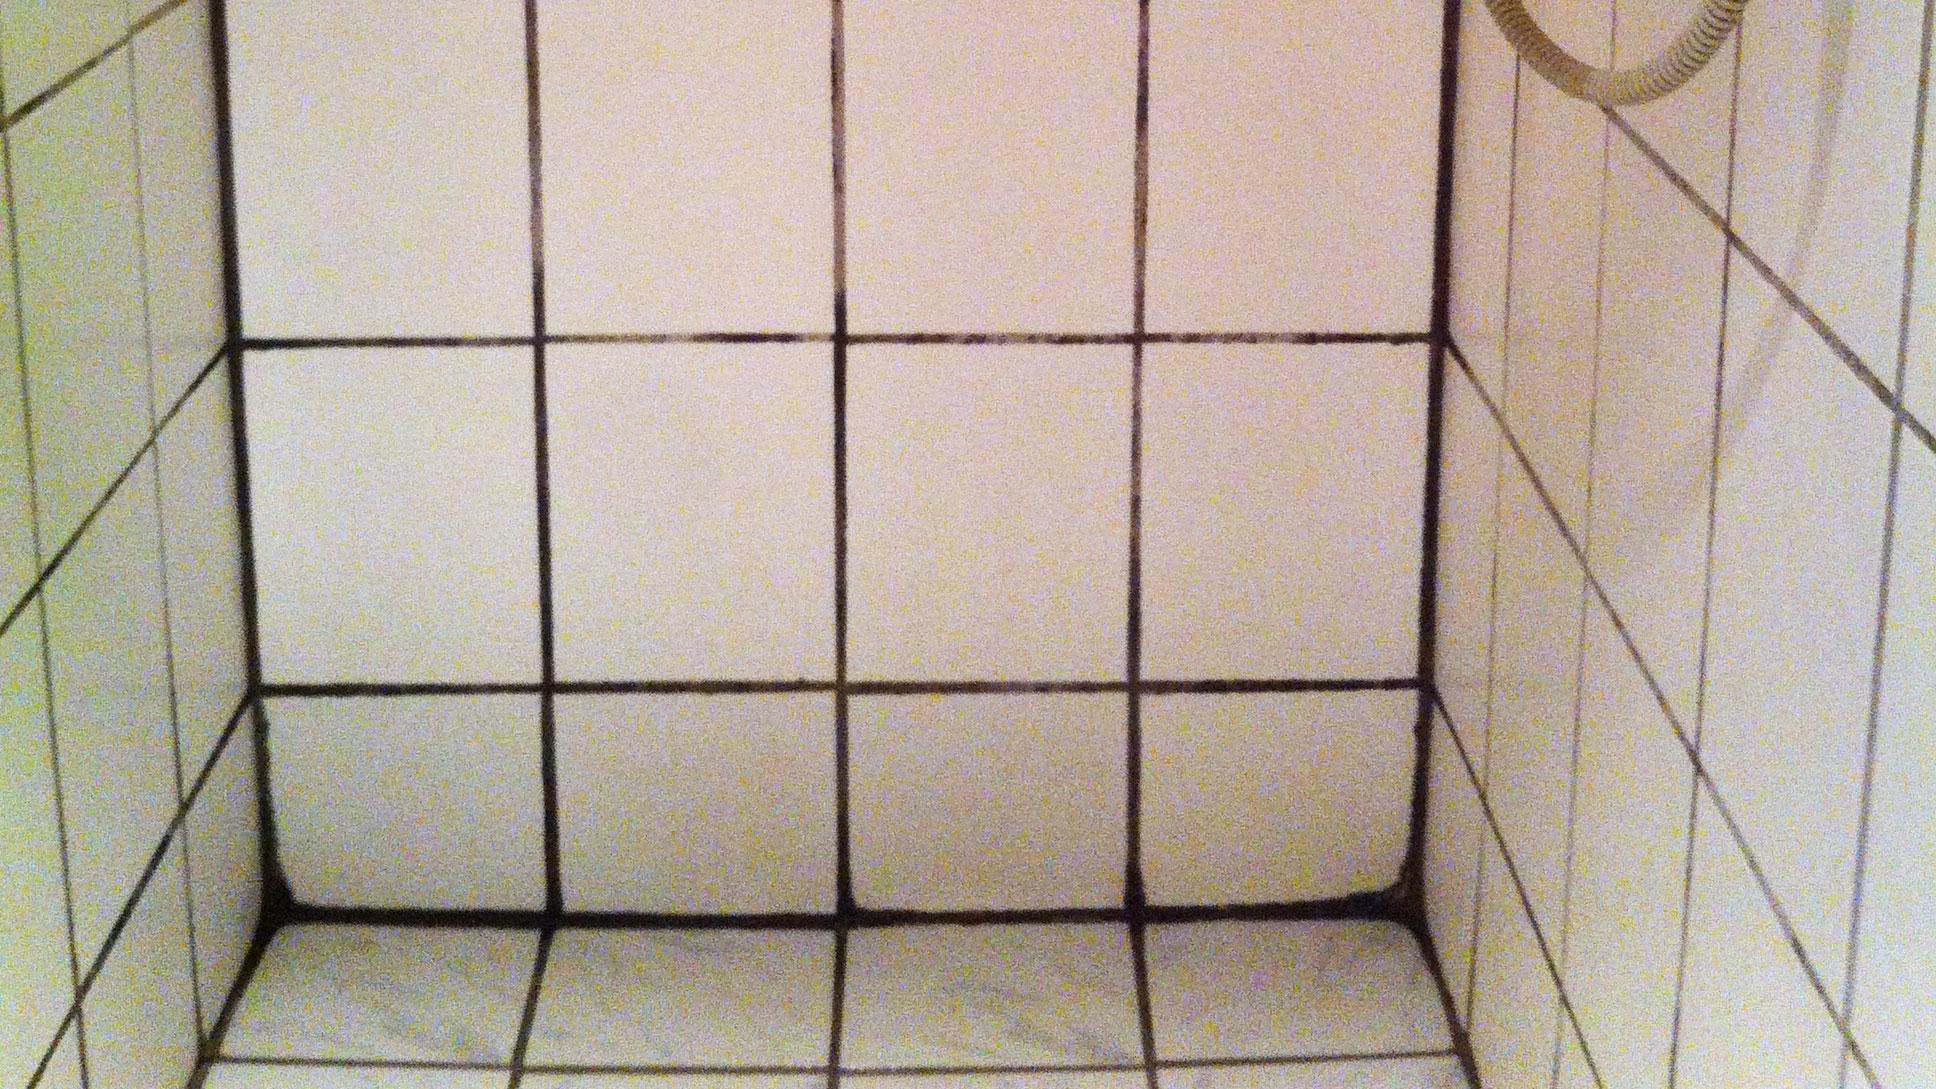 rengøring brusekabine Sådan får du bugt med sorte fuger i brusekabinen | Samvirke rengøring brusekabine